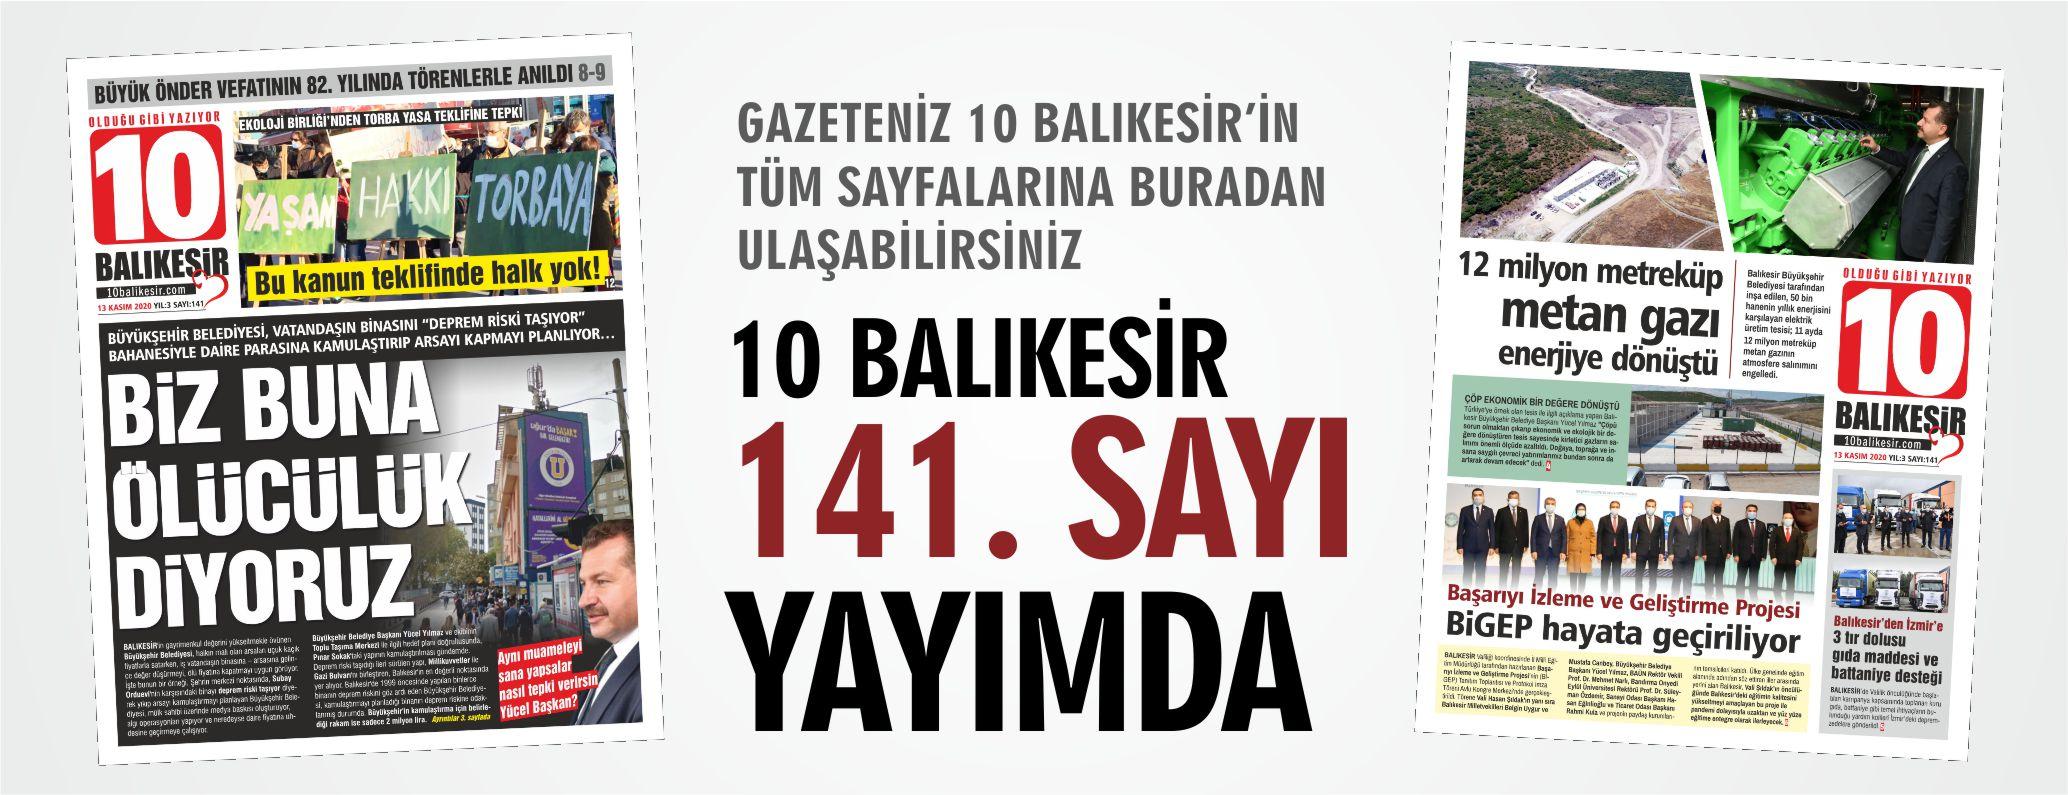 10 BALIKESİR 141. SAYI YAYINDA